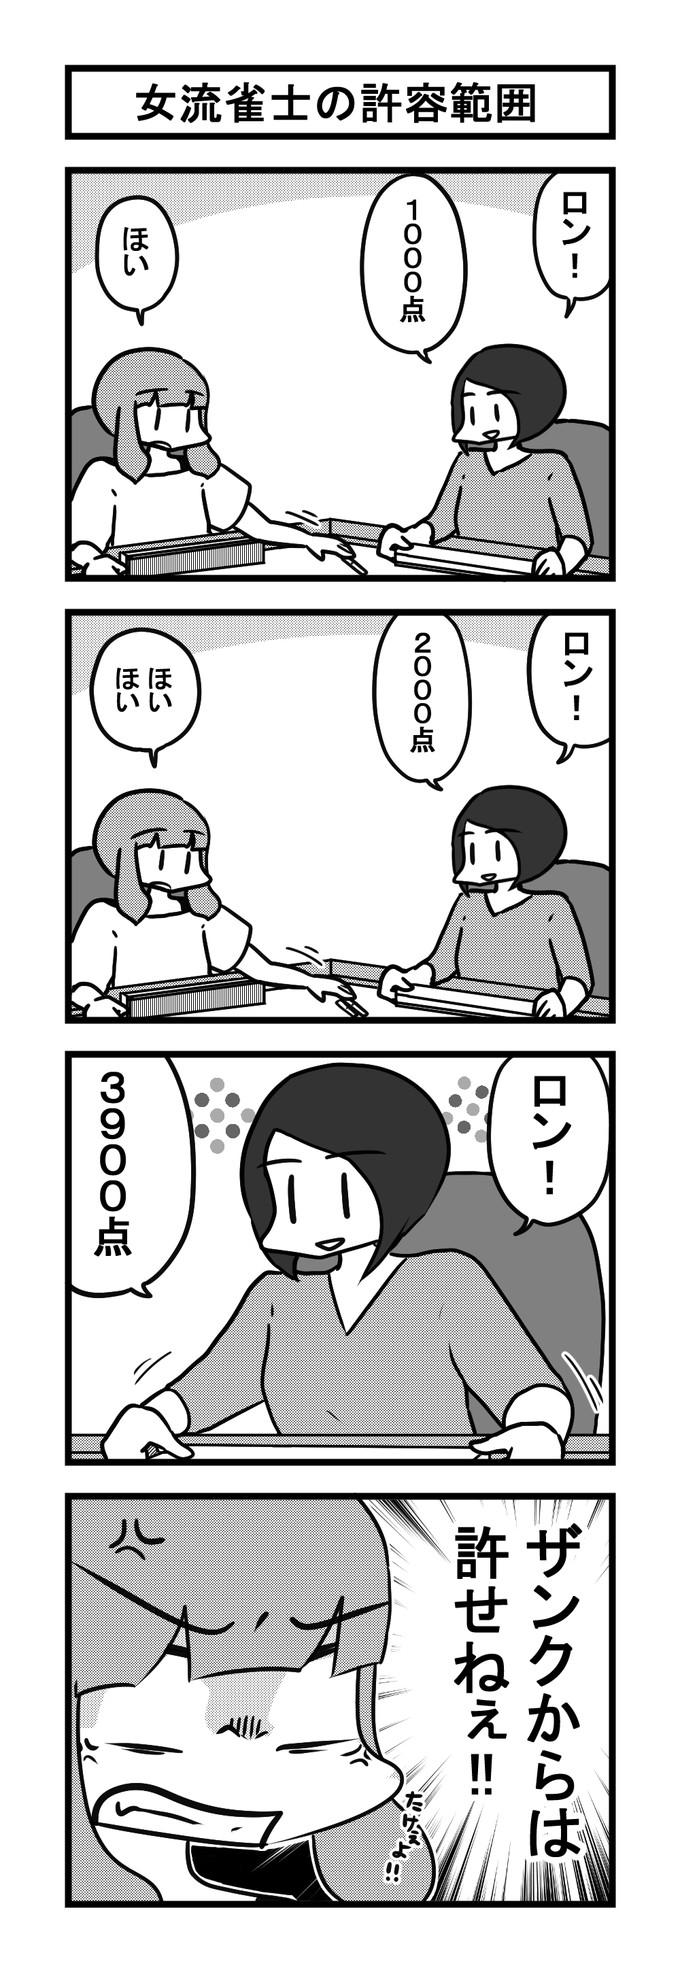 969女流雀士の許容範囲-min-1